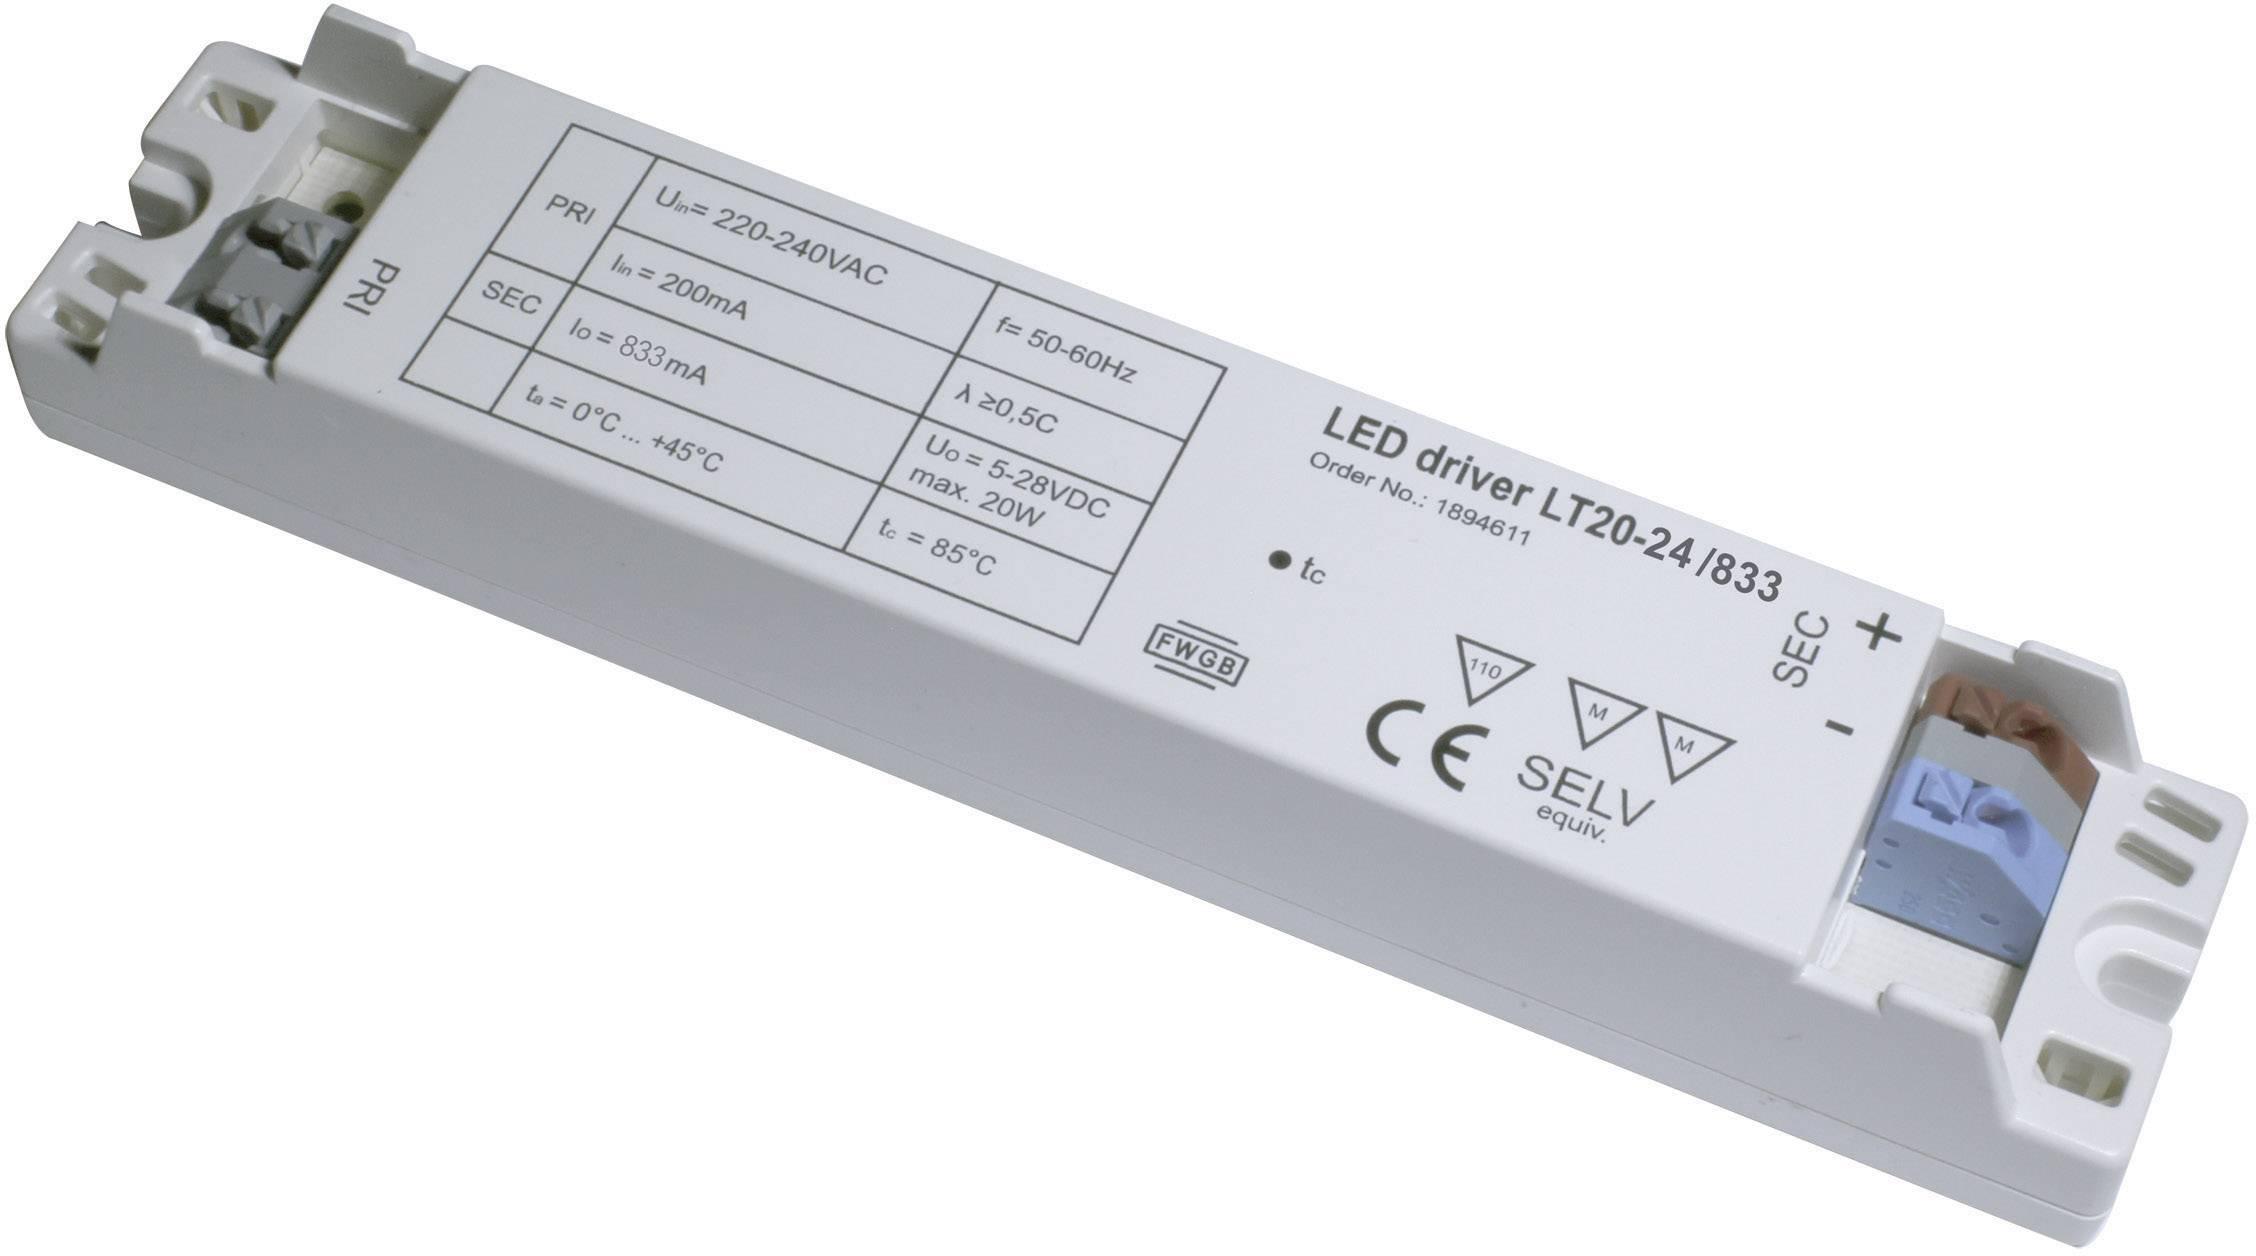 Napájecí zdroj LED LT20-24/833, 0,875 A, 220-240 V/AC